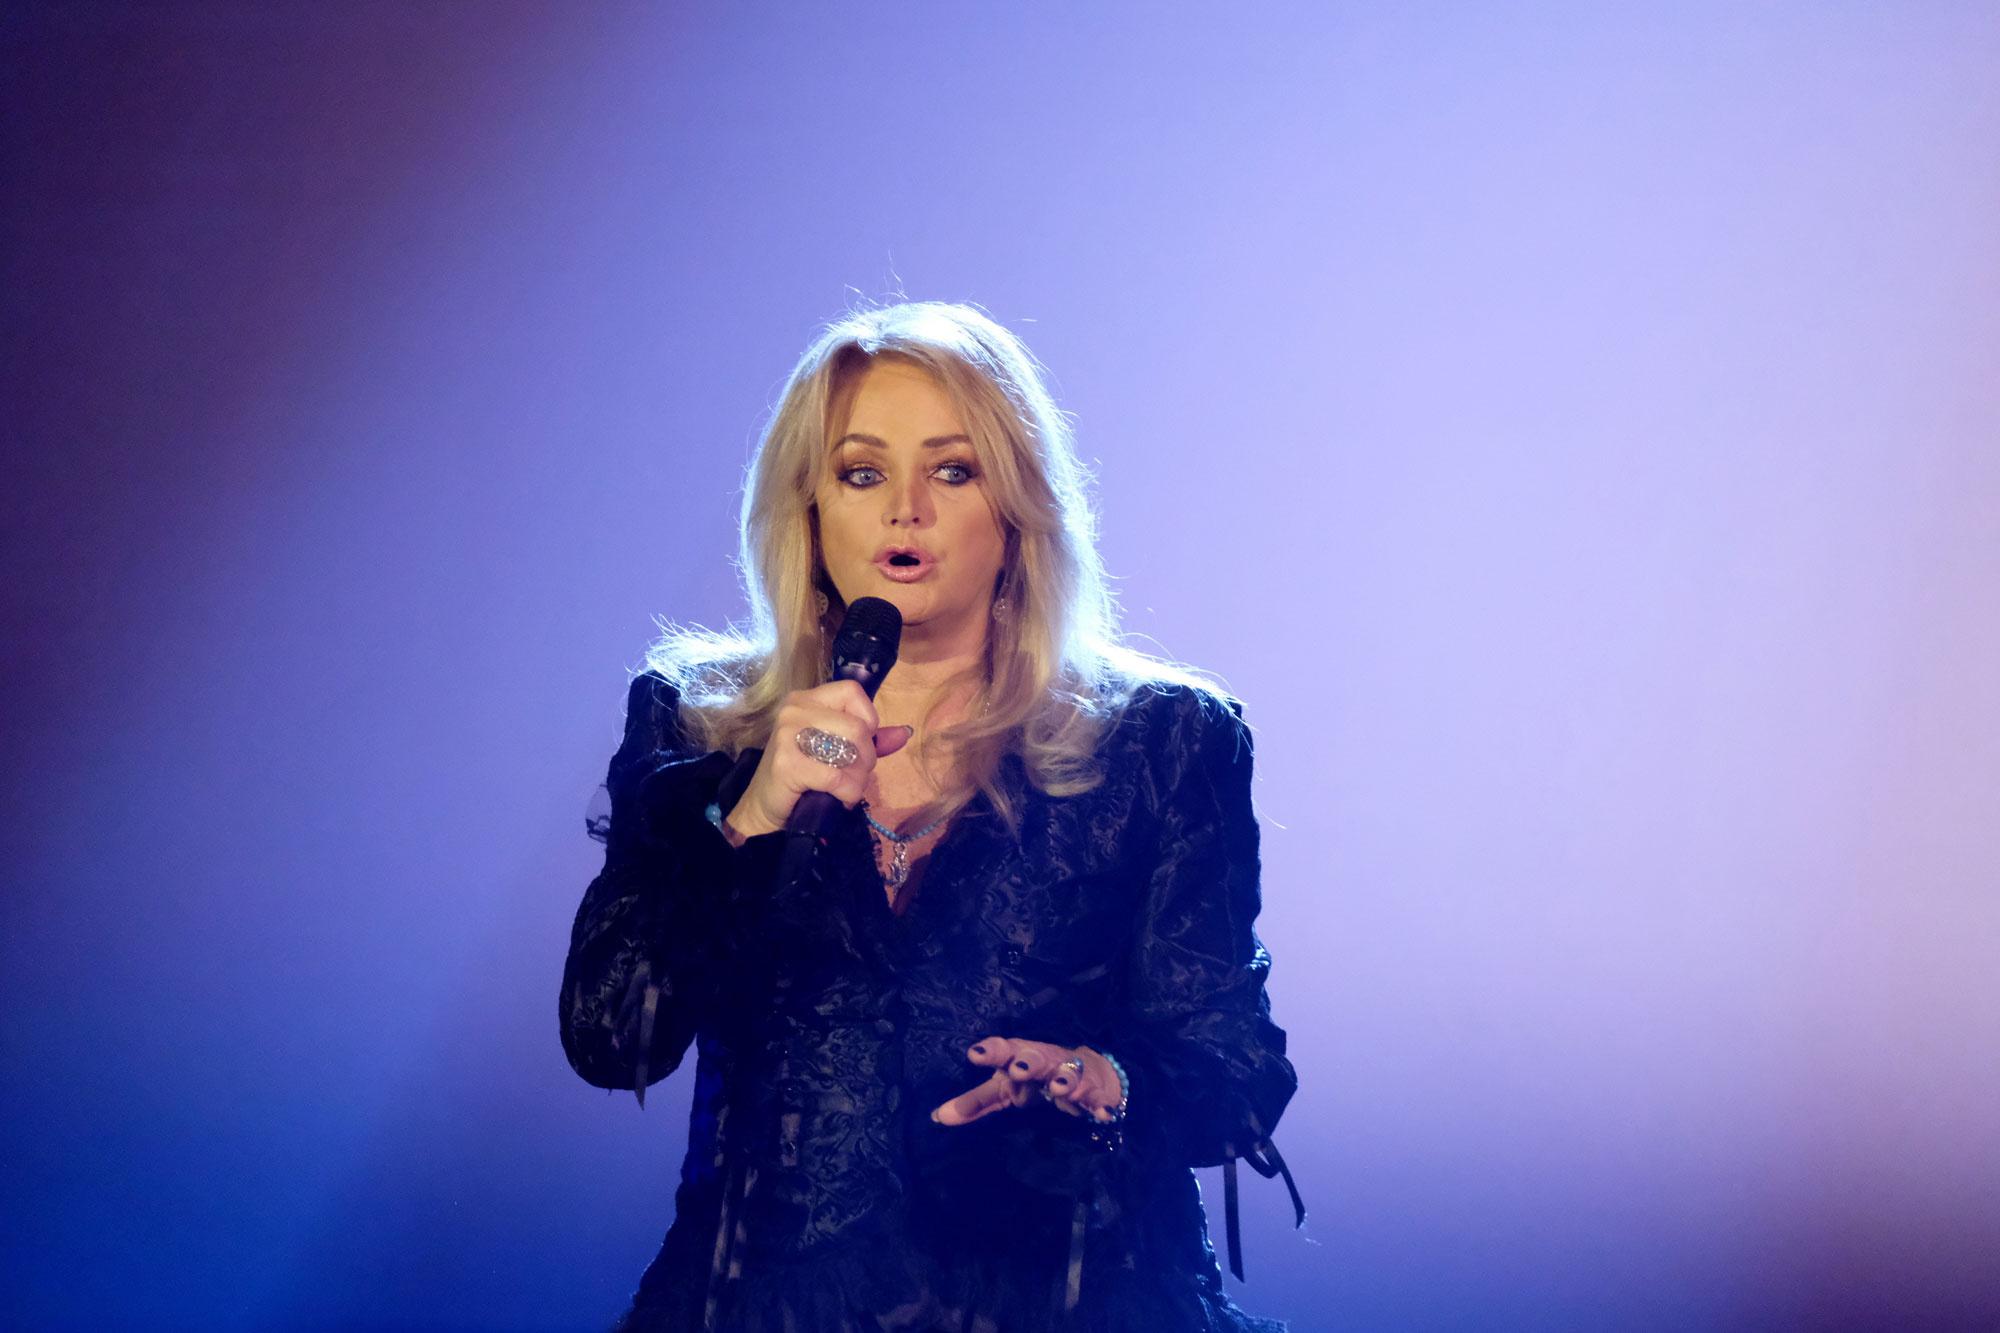 Bonnie Tyler a 2019 márciusában megrendezett lipcsei zenei fesztiválon - az Alle singen Kaiser - Das große Schlagerfesten - élő műsorral szórakoztatta a közönséget.